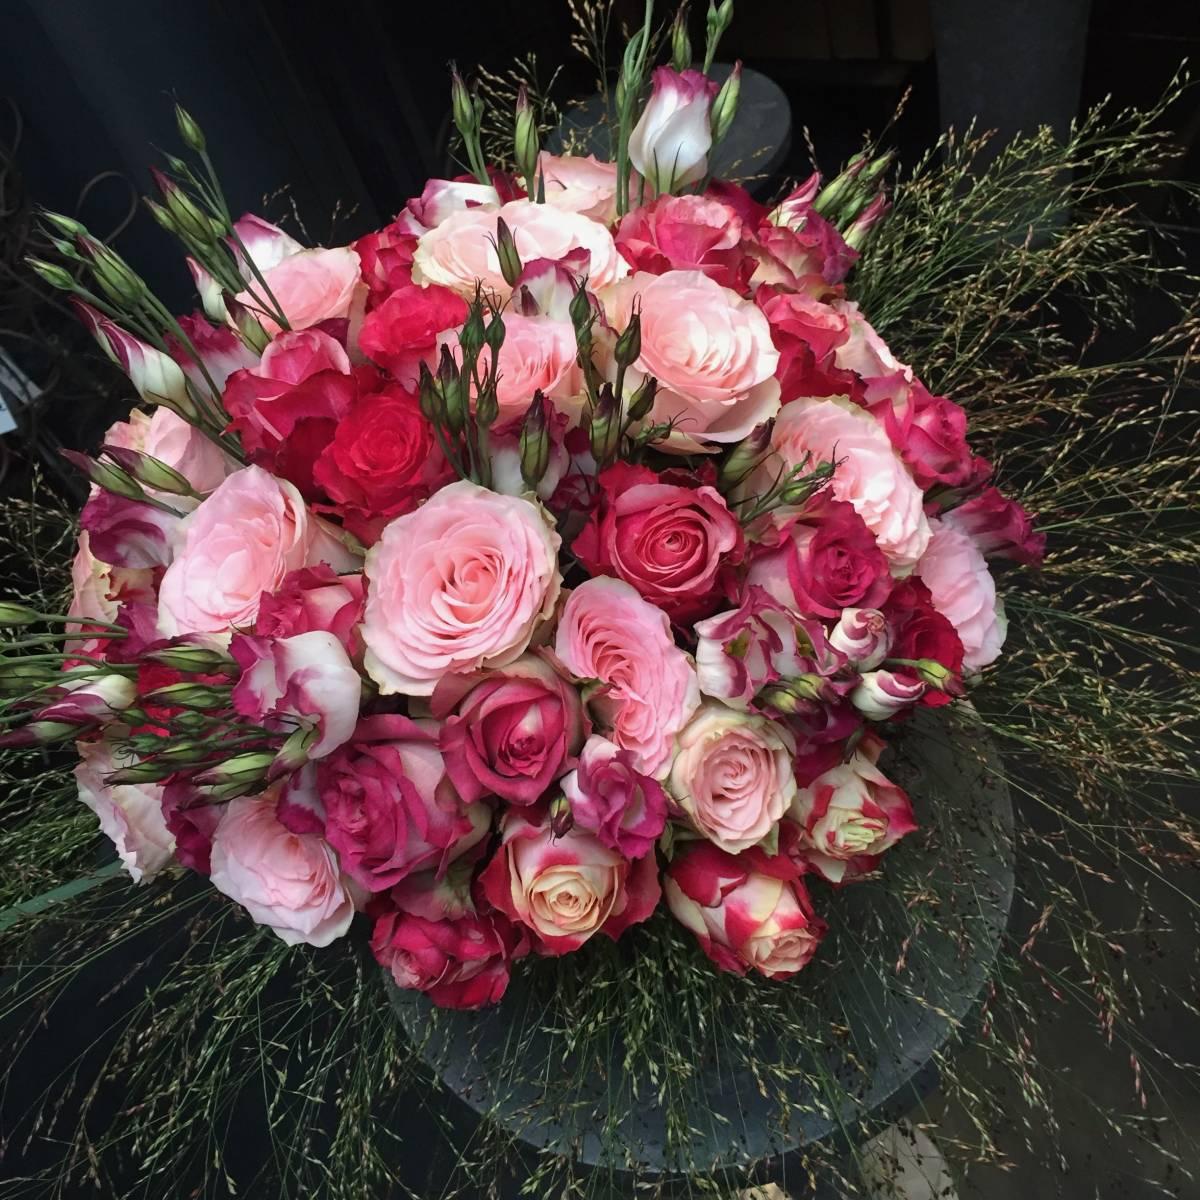 Young Amadeus - Bloemen - House of Weddings - 6